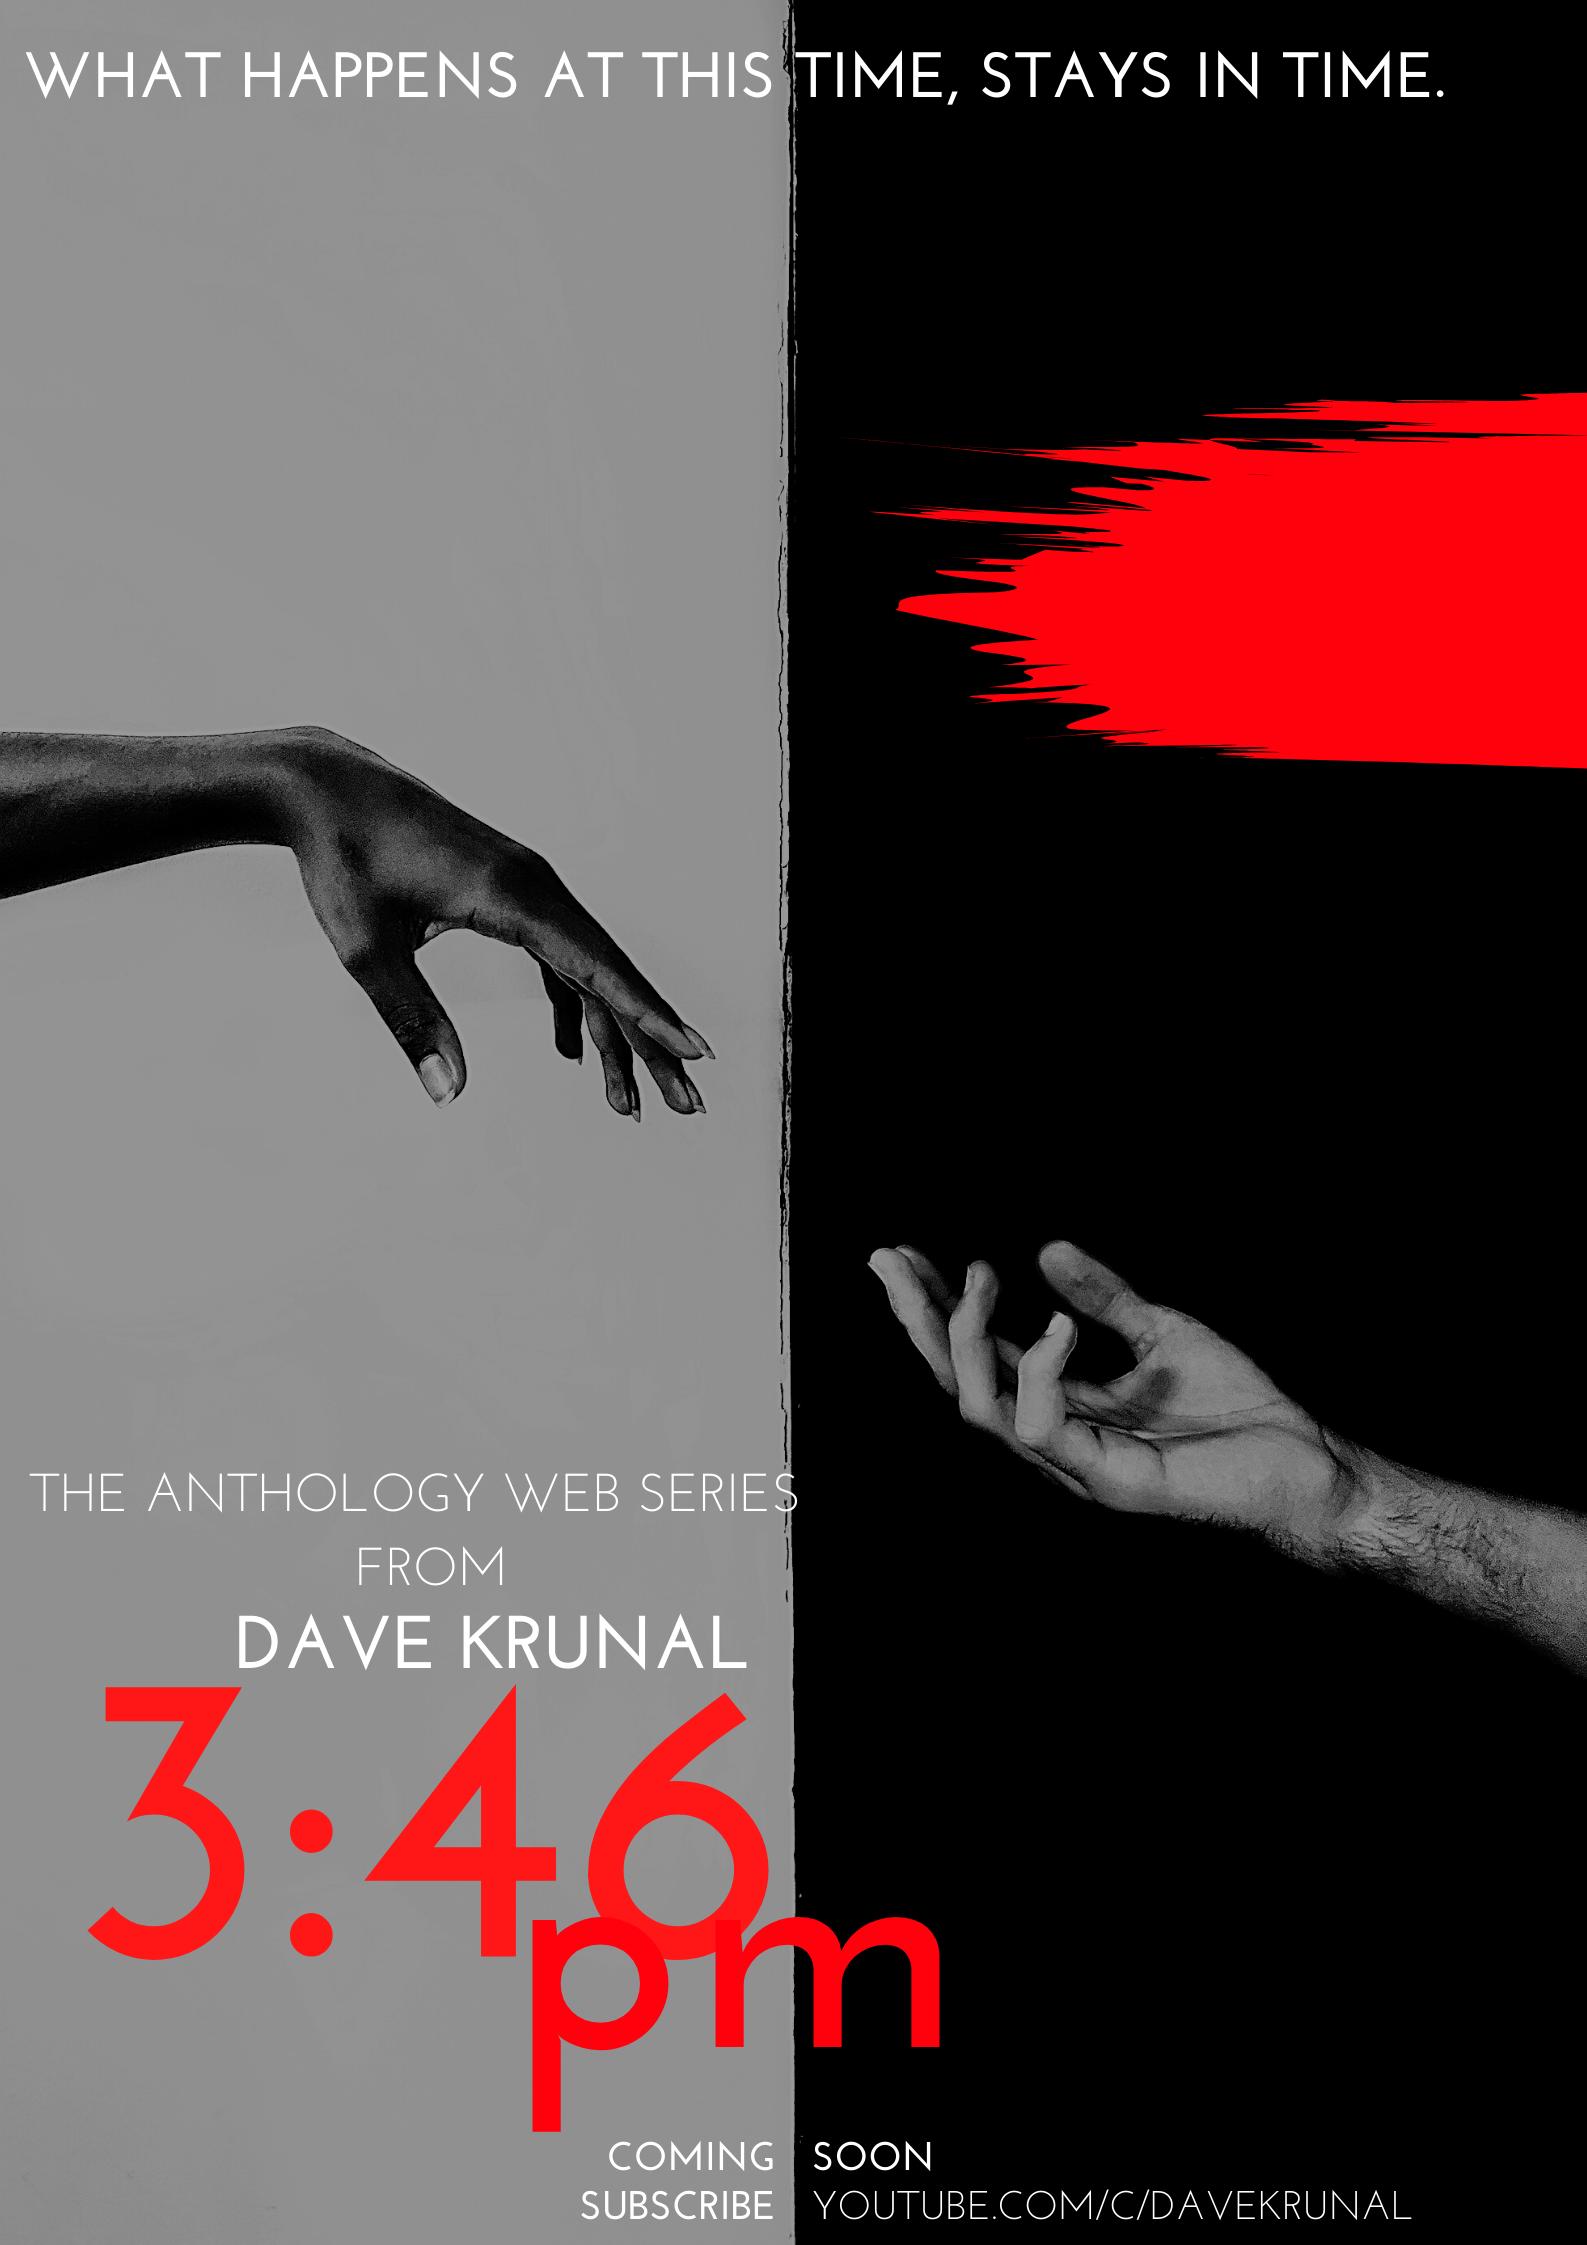 3:46 PM Web Series by Dave Krunal